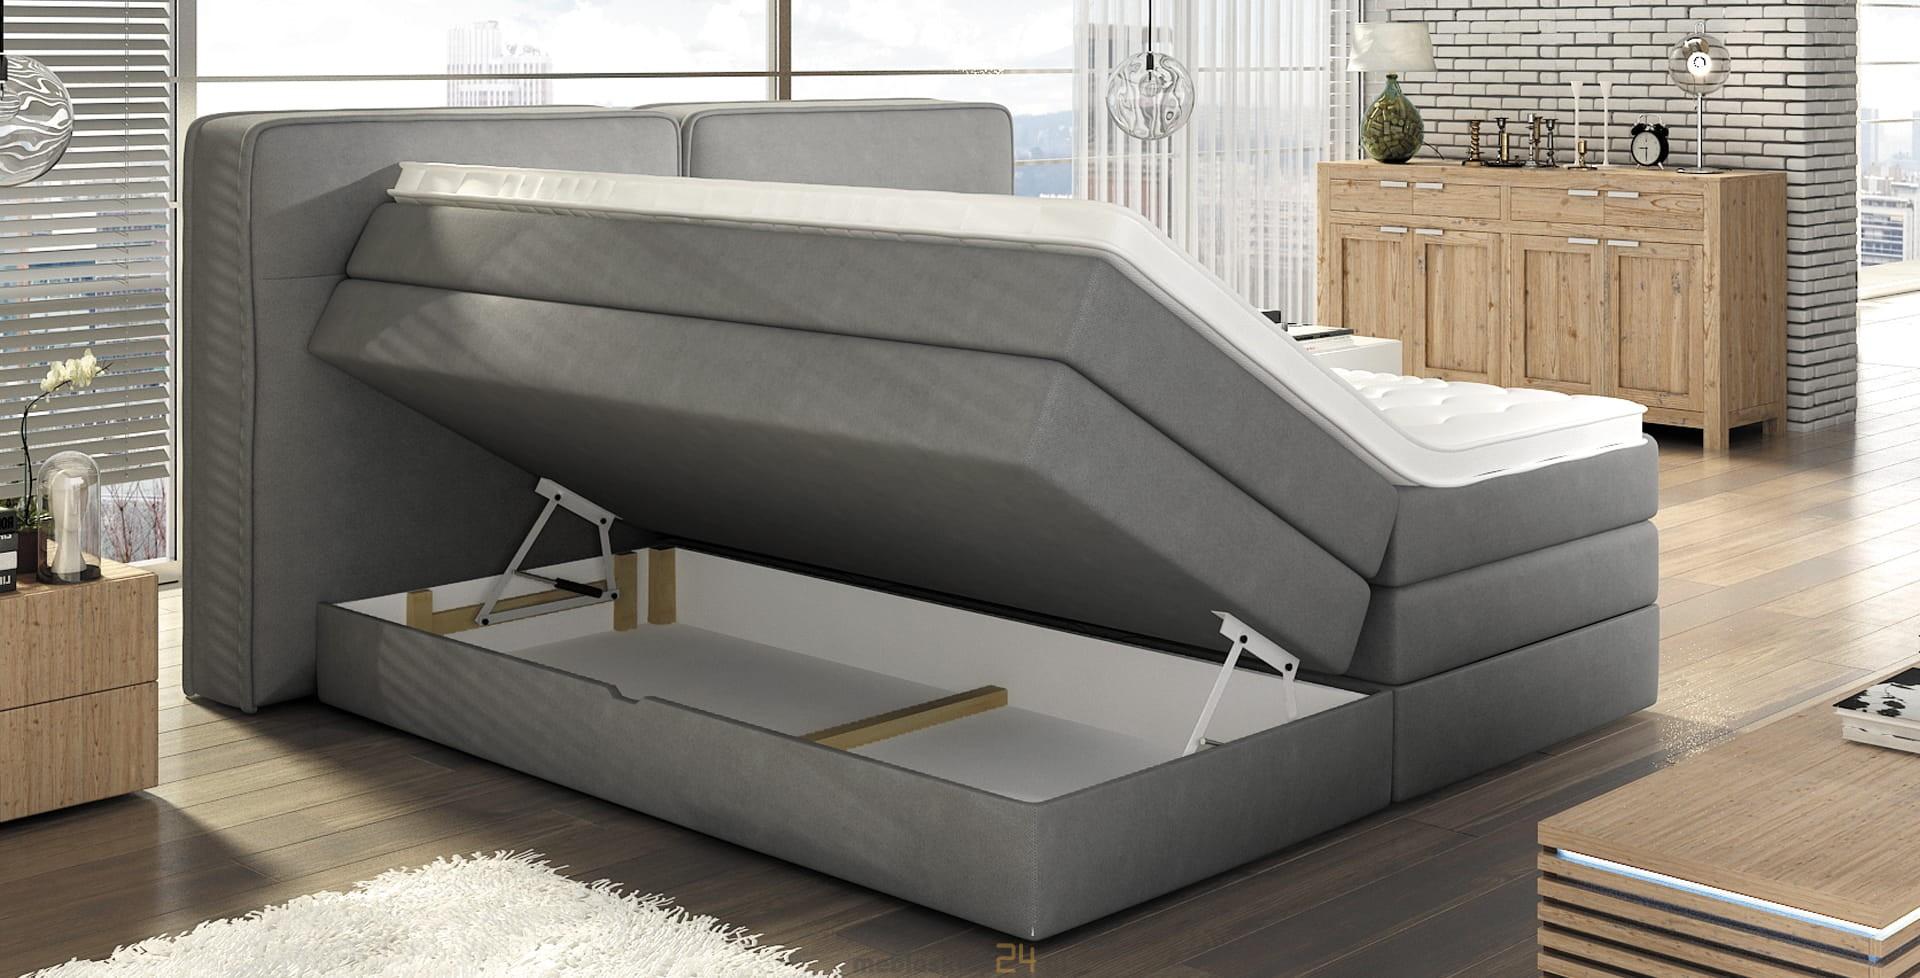 Tapicerowane łóżko Sypialniane Falun Top Kaltschaum